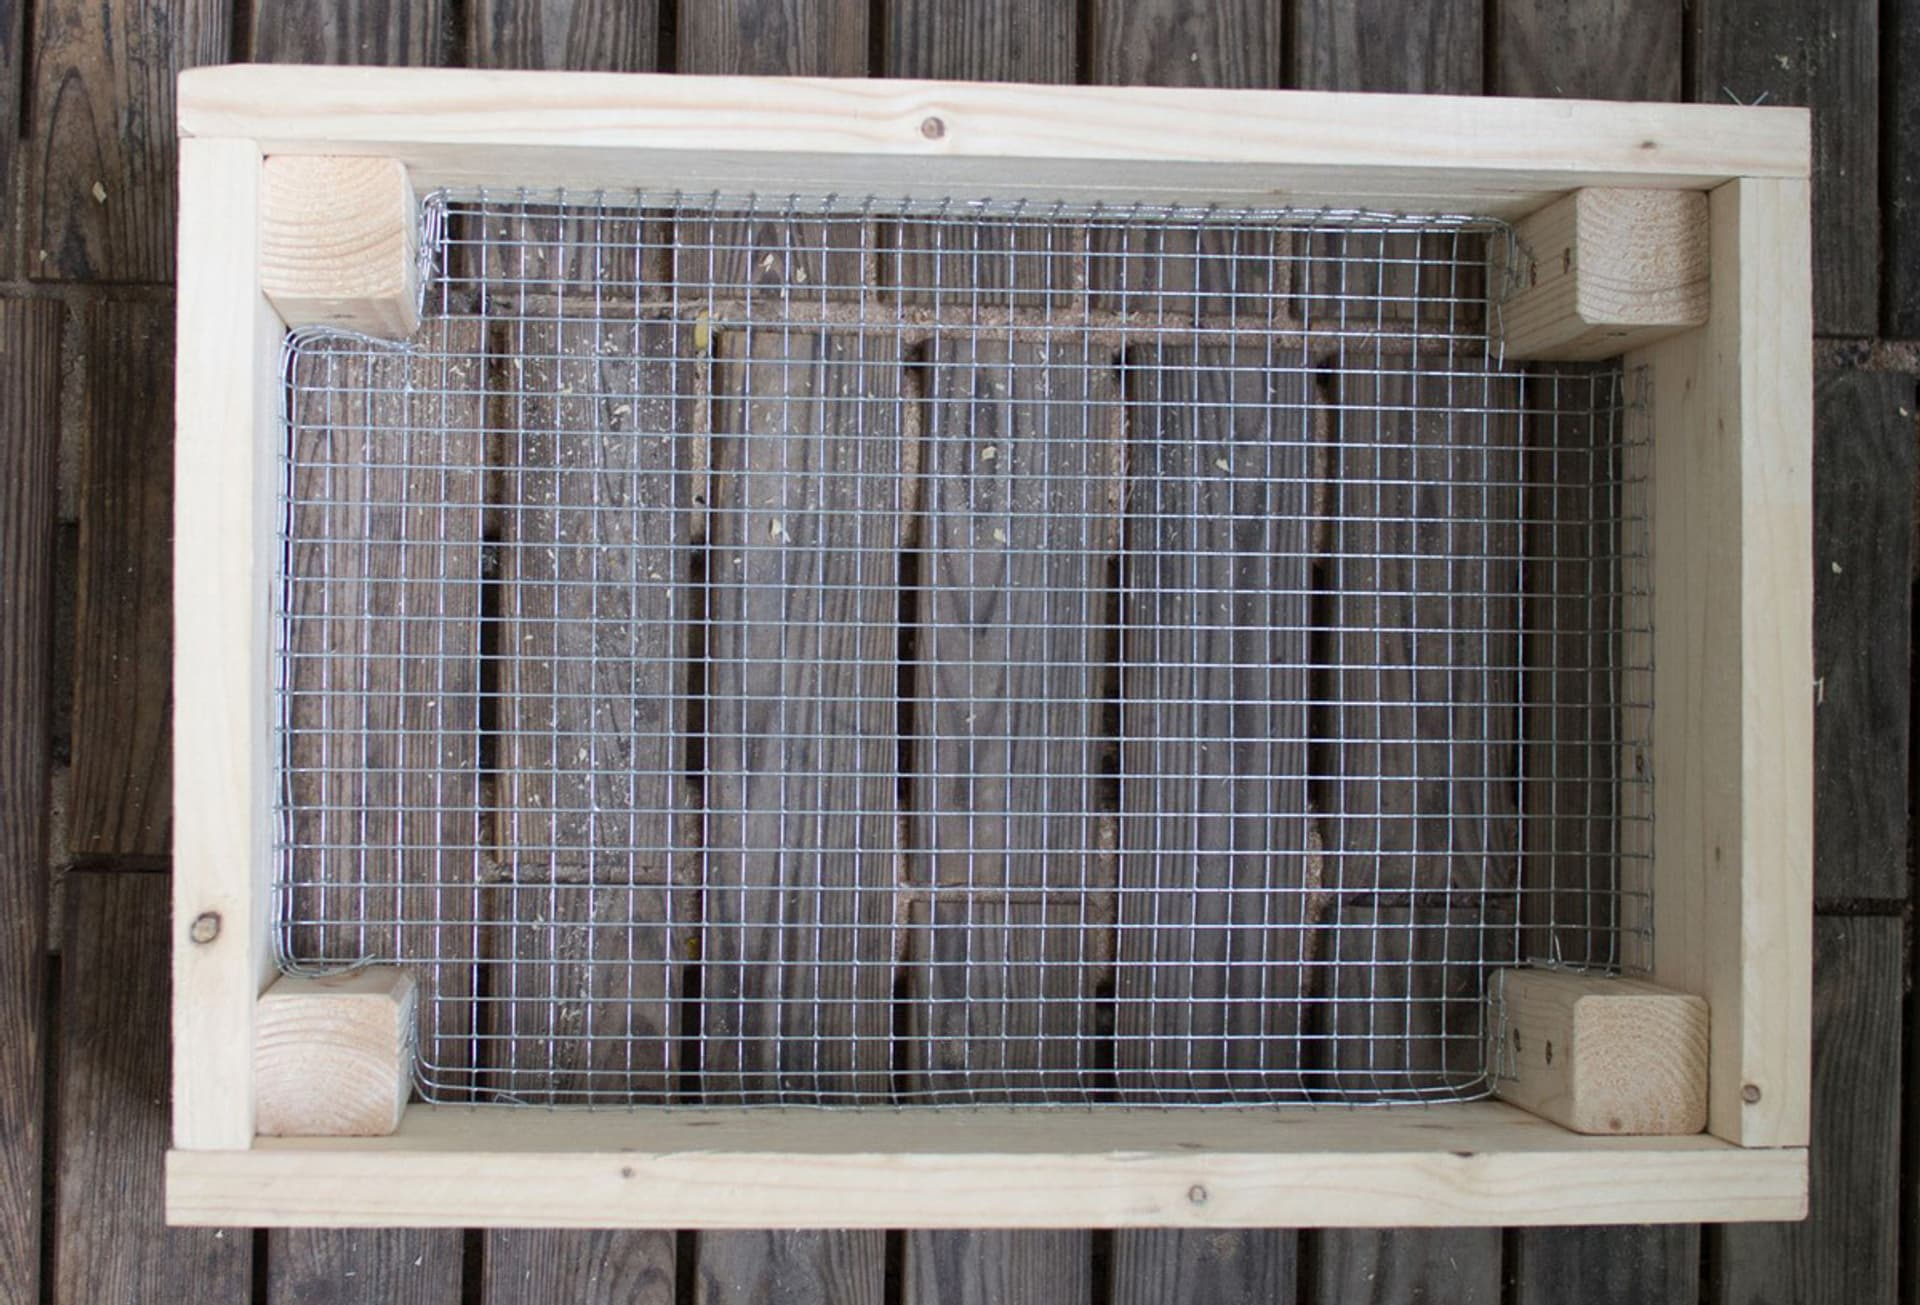 Die Böden der oberen Wurmkisten ist aus Gitter